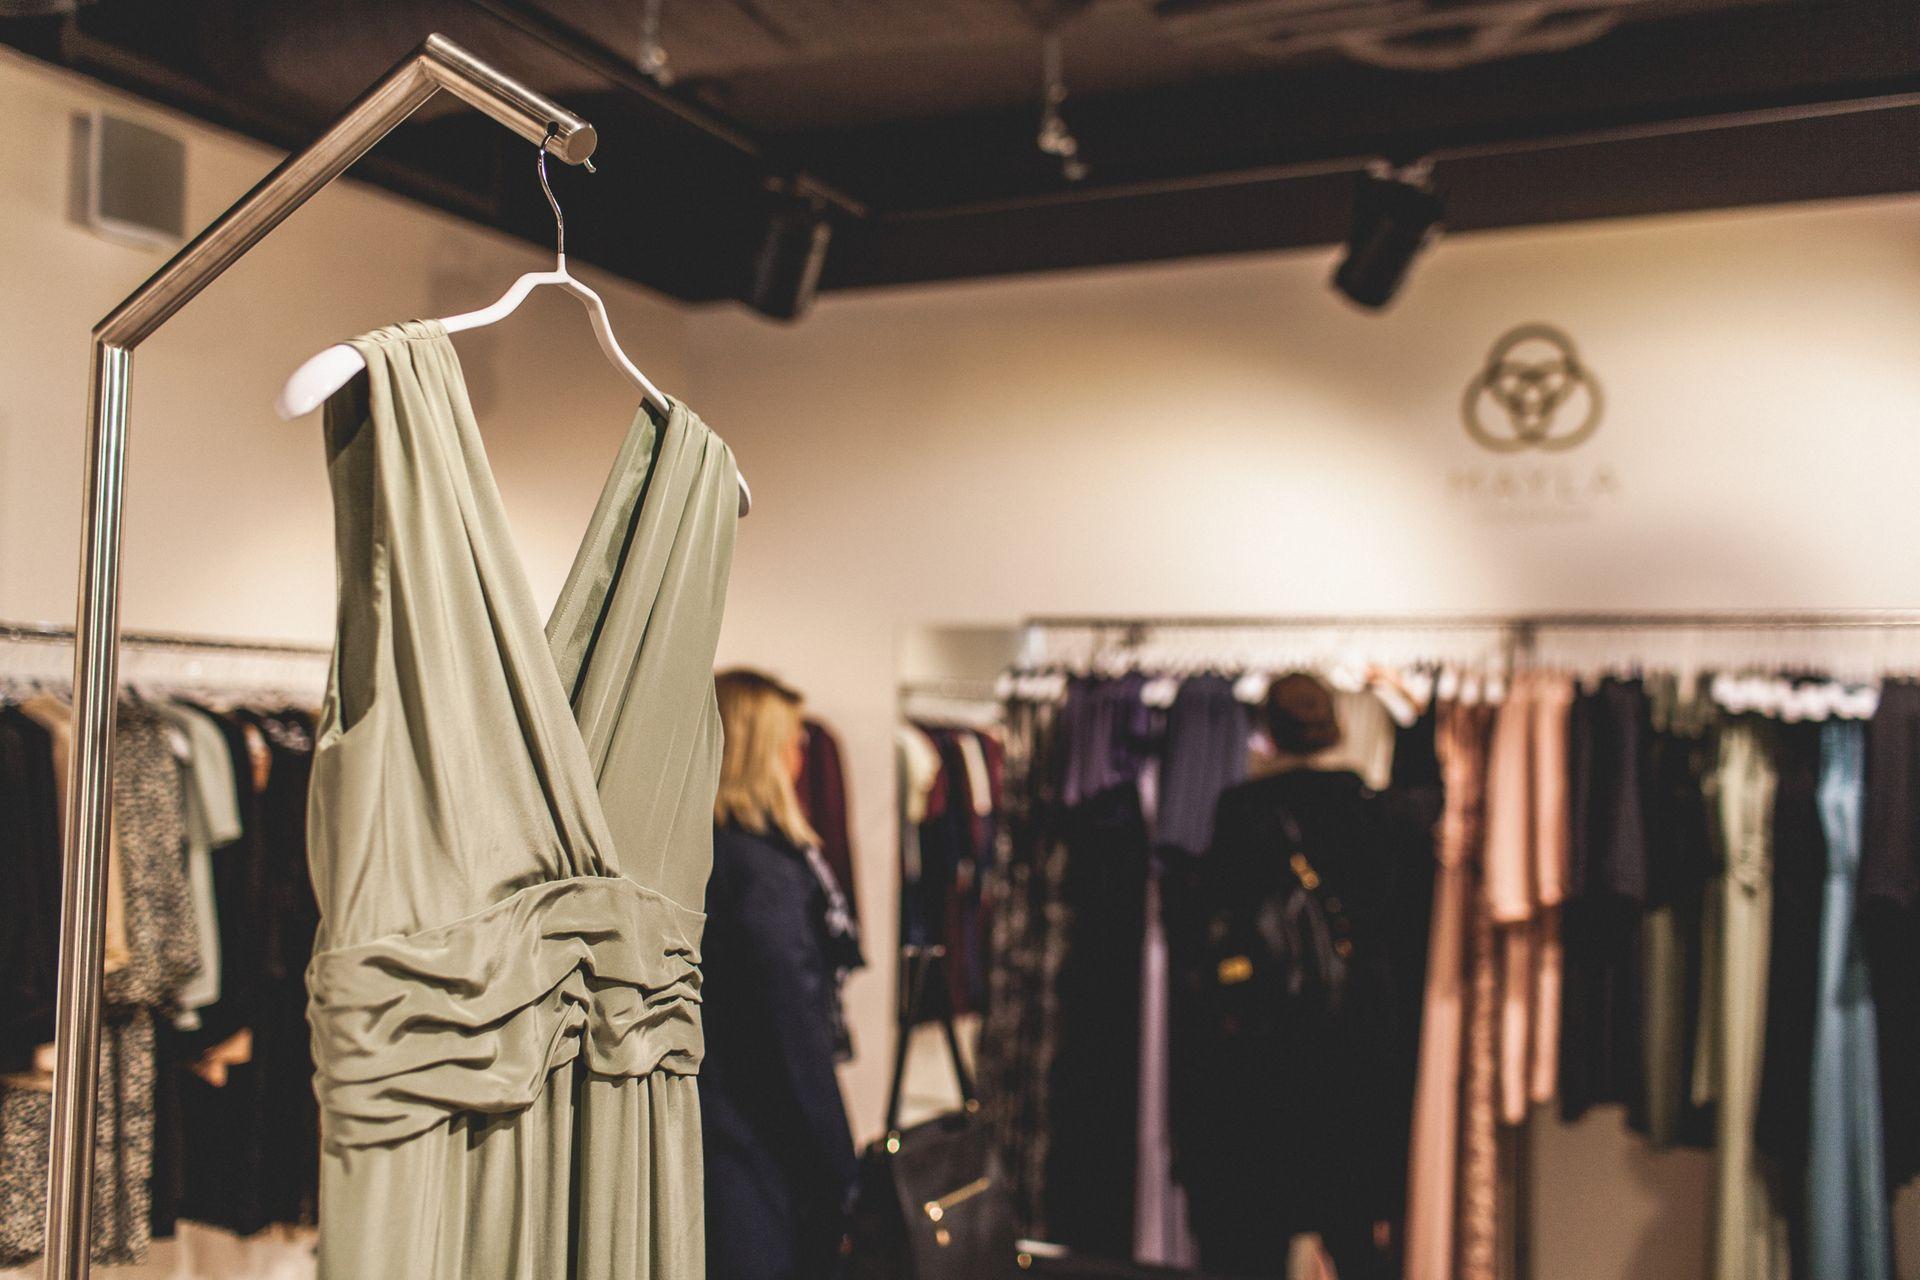 Racks of women's clothing in a designer store.